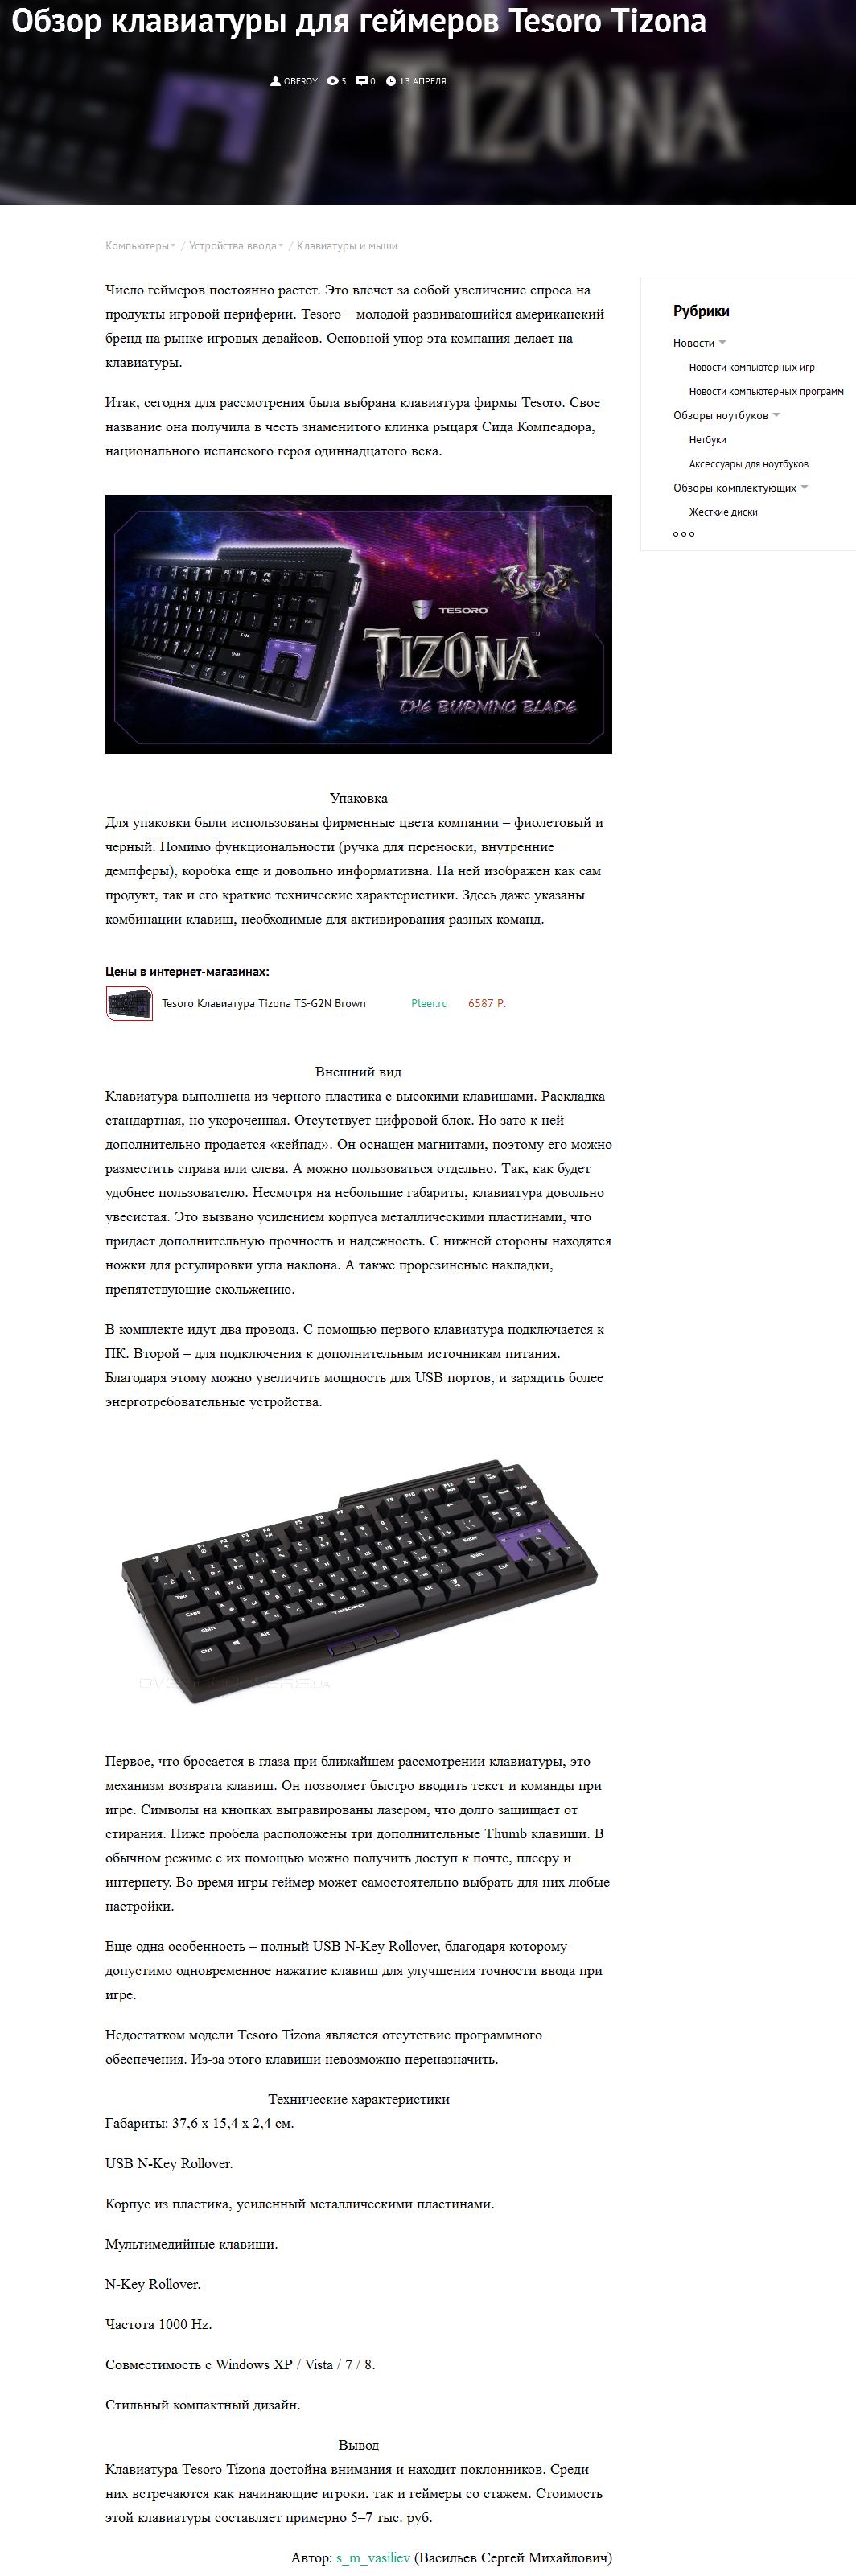 Обзор клавиатуры для геймеров Tesoro Tizona